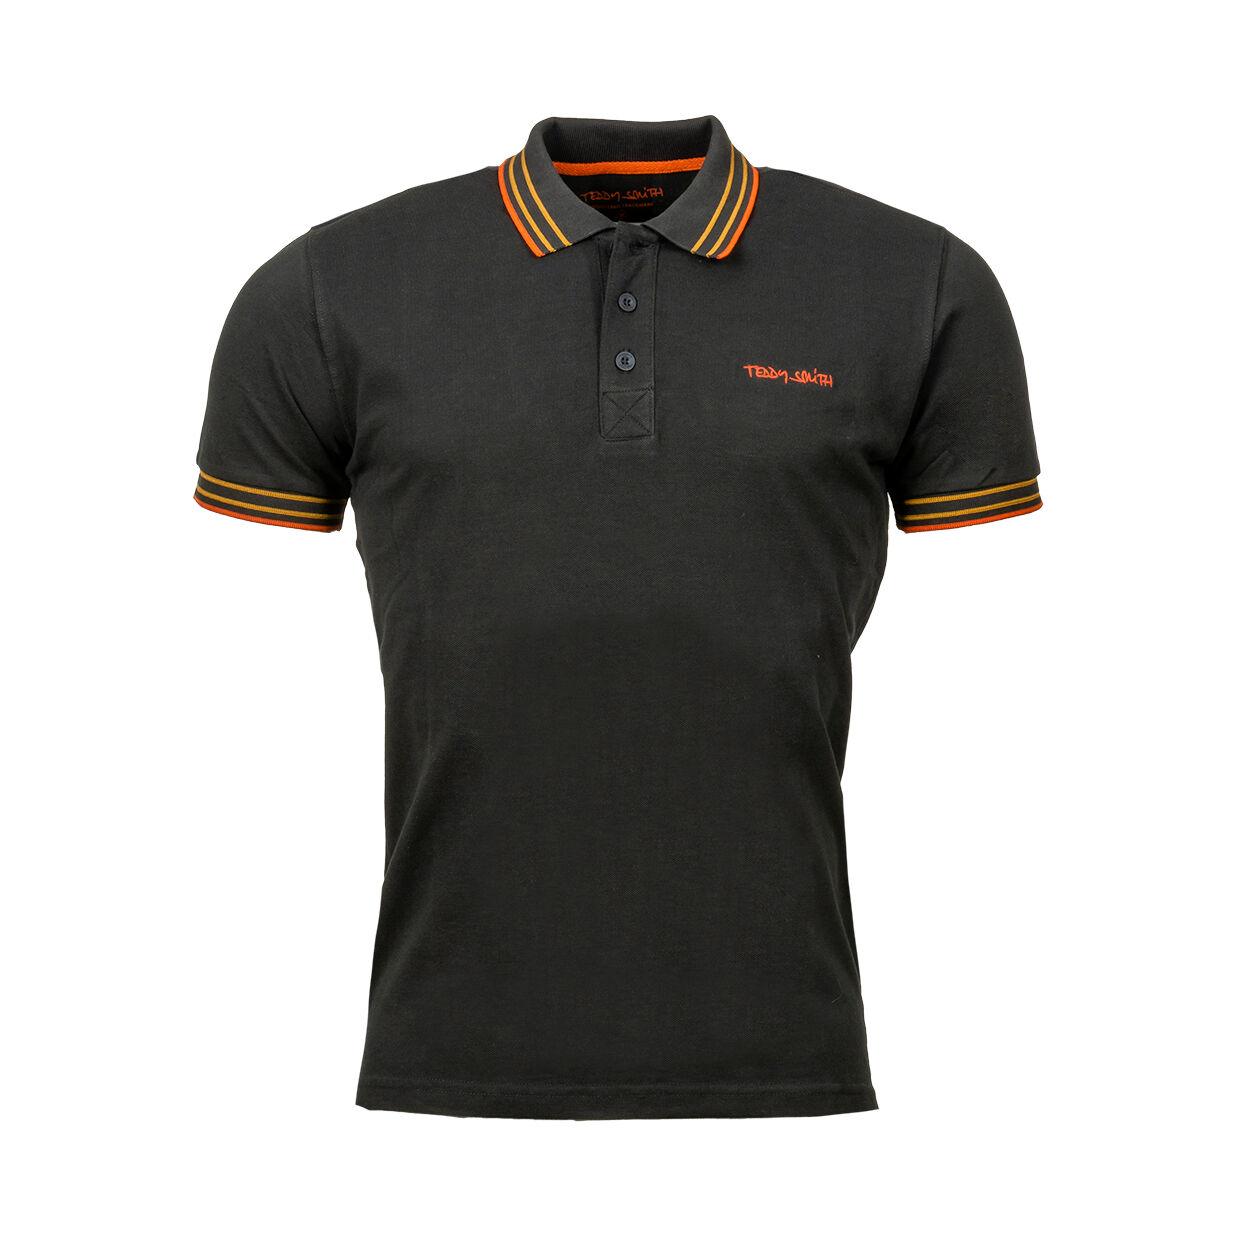 Teddy Smith Polo à manches courtes Teddy Smith Pasian en coton noir charbon à détails orange - Noir charbon - L